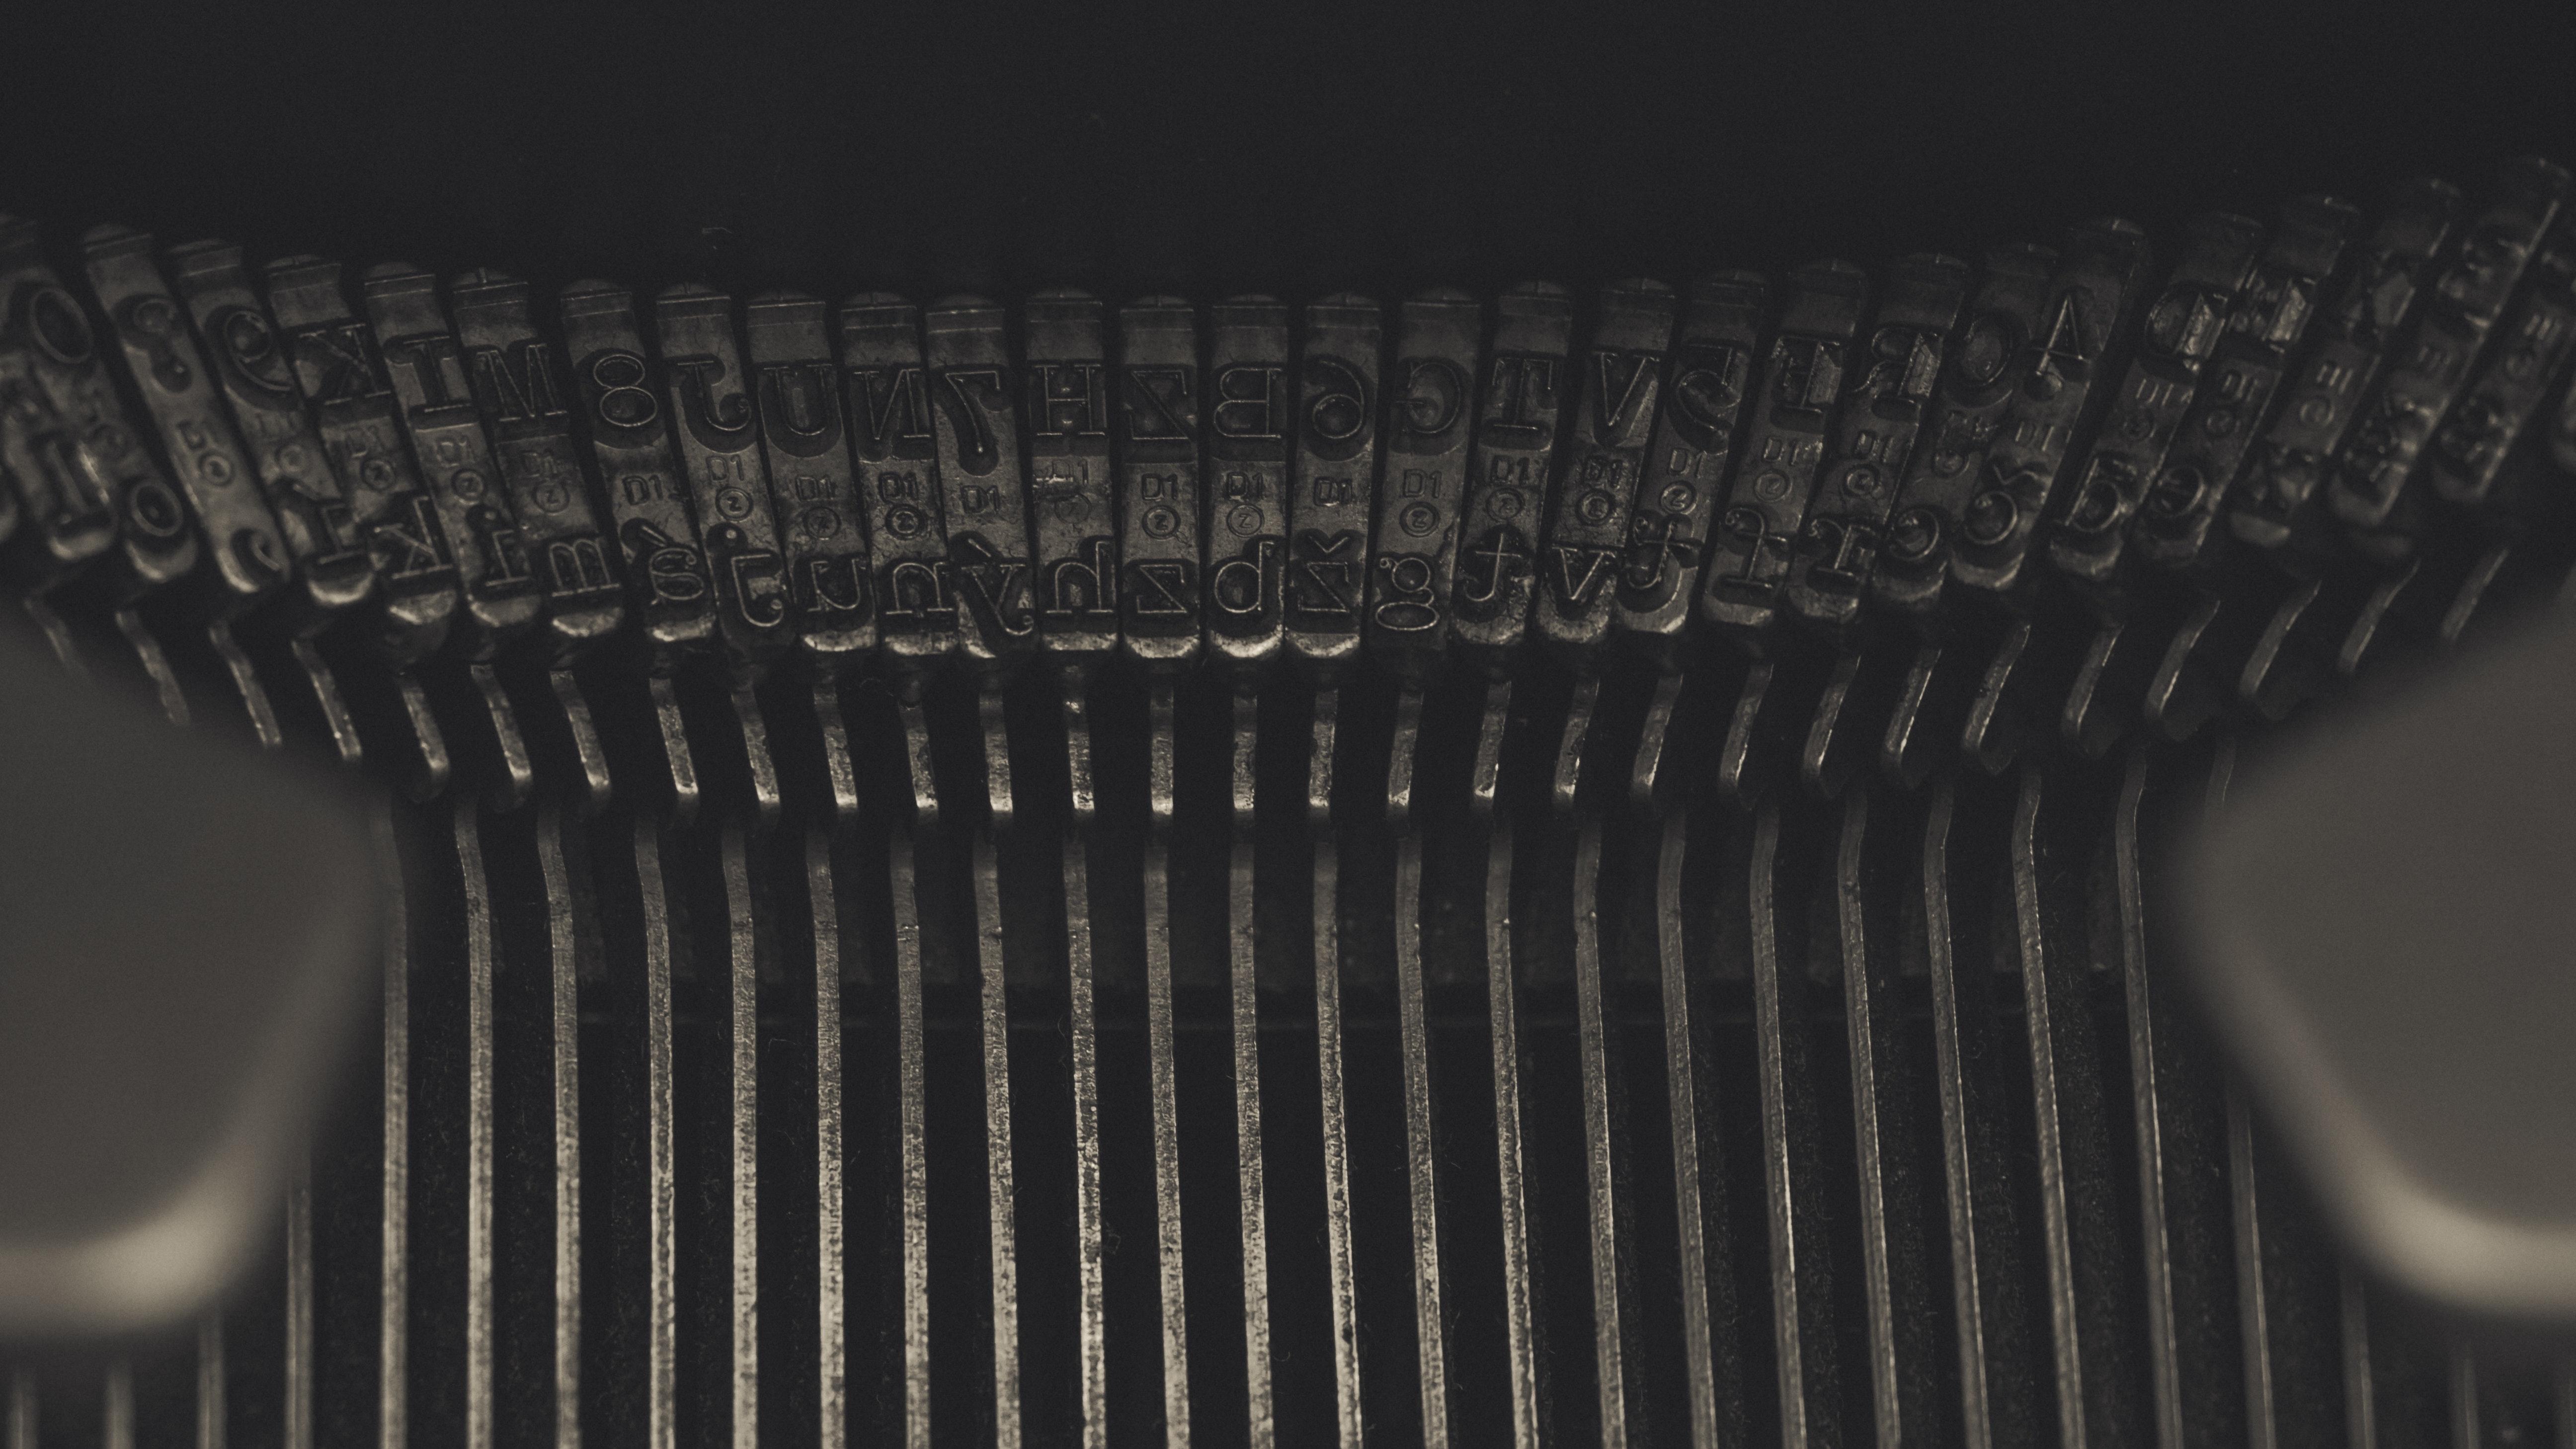 Close-up Photo of Typewriter, Metallic, Vintage, Typewriter, Typebars, HQ Photo